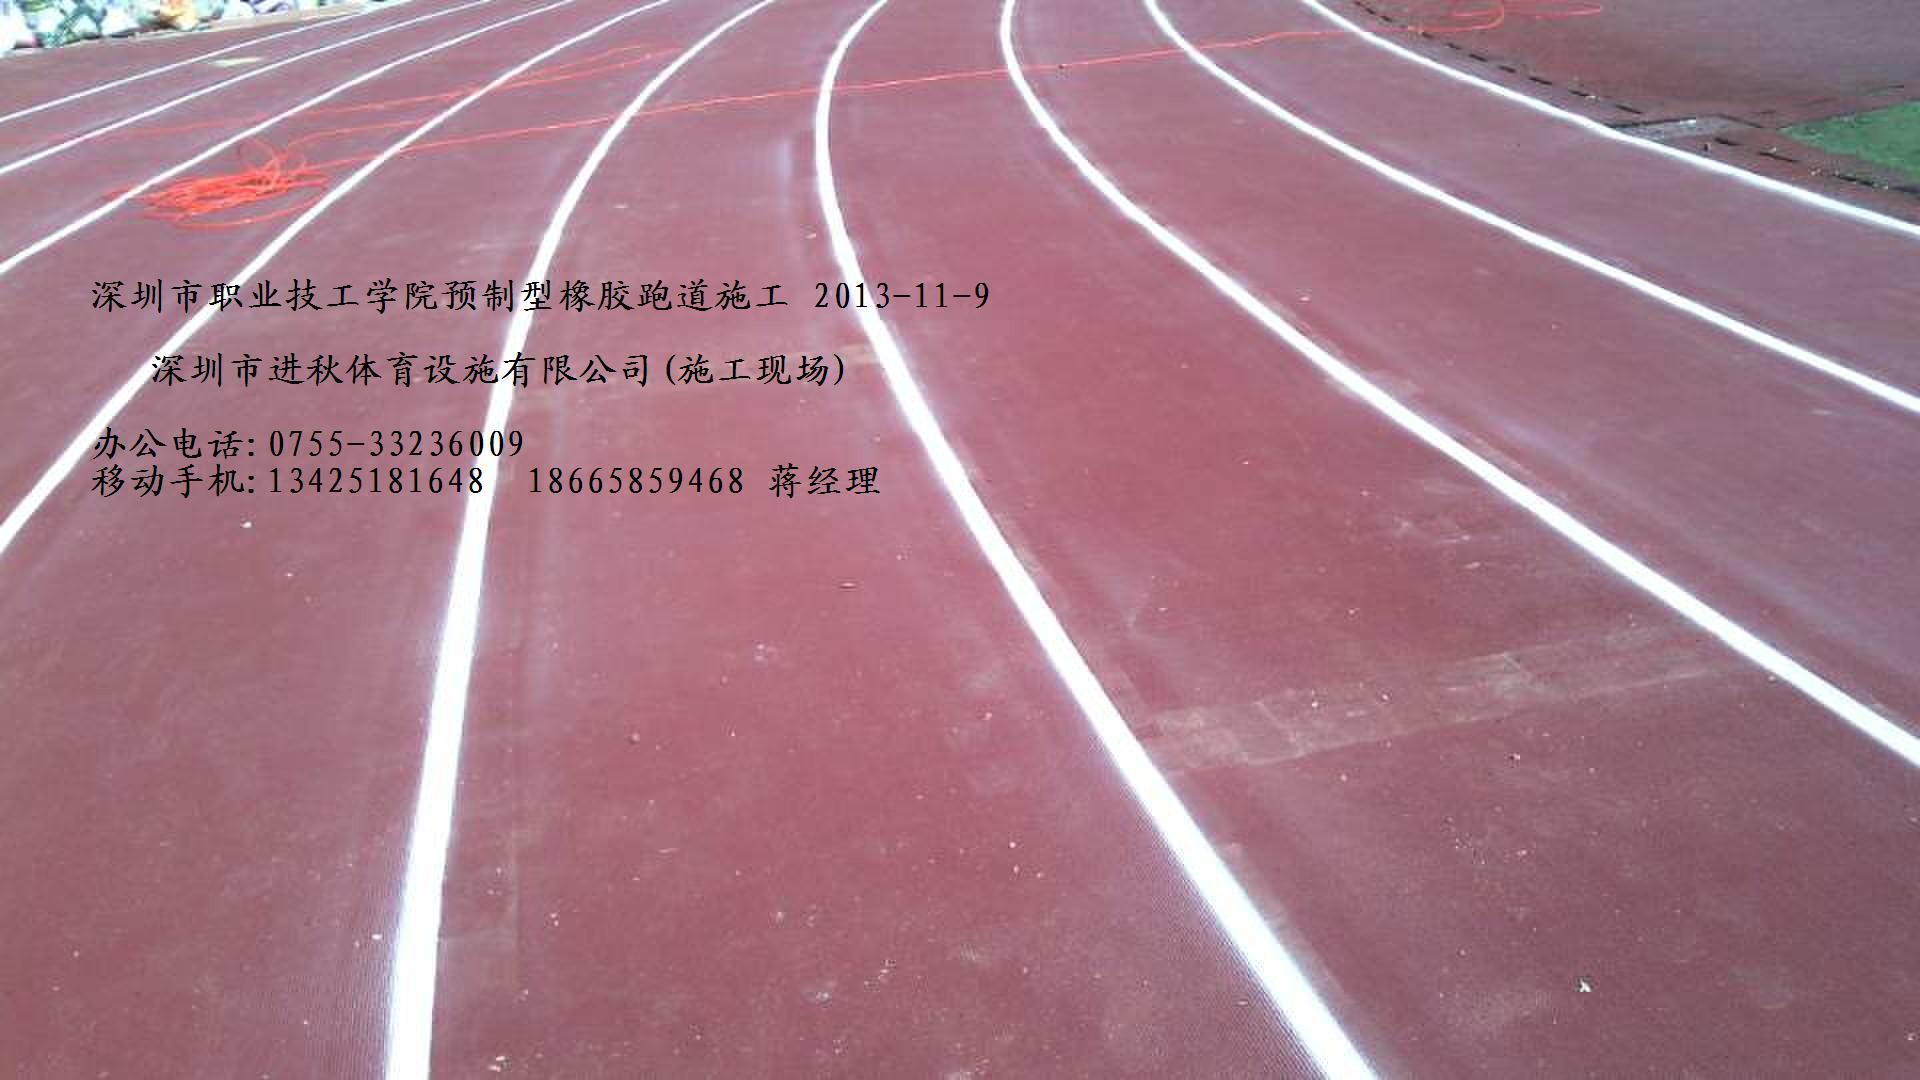 塑胶跑道特点 弹性适中良好的弹性对运动员的腿部关节能起到很好的保护作用,有效地避免了运动伤害。 耐磨性强铺面有卓越的耐磨性能,能保证铺面结构长期稳定不变,穿装备7mm以下的钉鞋奔跑,表面不会受损。 抗老化性不受紫外线、臭氧、风雨、硫酸的影响而褪色、粉化,能长期保持鲜艳色彩。 耐冲击性具有强韧的弹性层及缓冲层,可吸收强劲的冲击。 面层平坦施工时使用流动材质,表面平坦,防水、防晒、防滑,适用于专业选手比赛、训练用。 全天使用任何季节及气温均可使用 环保无害材质稳定不在现